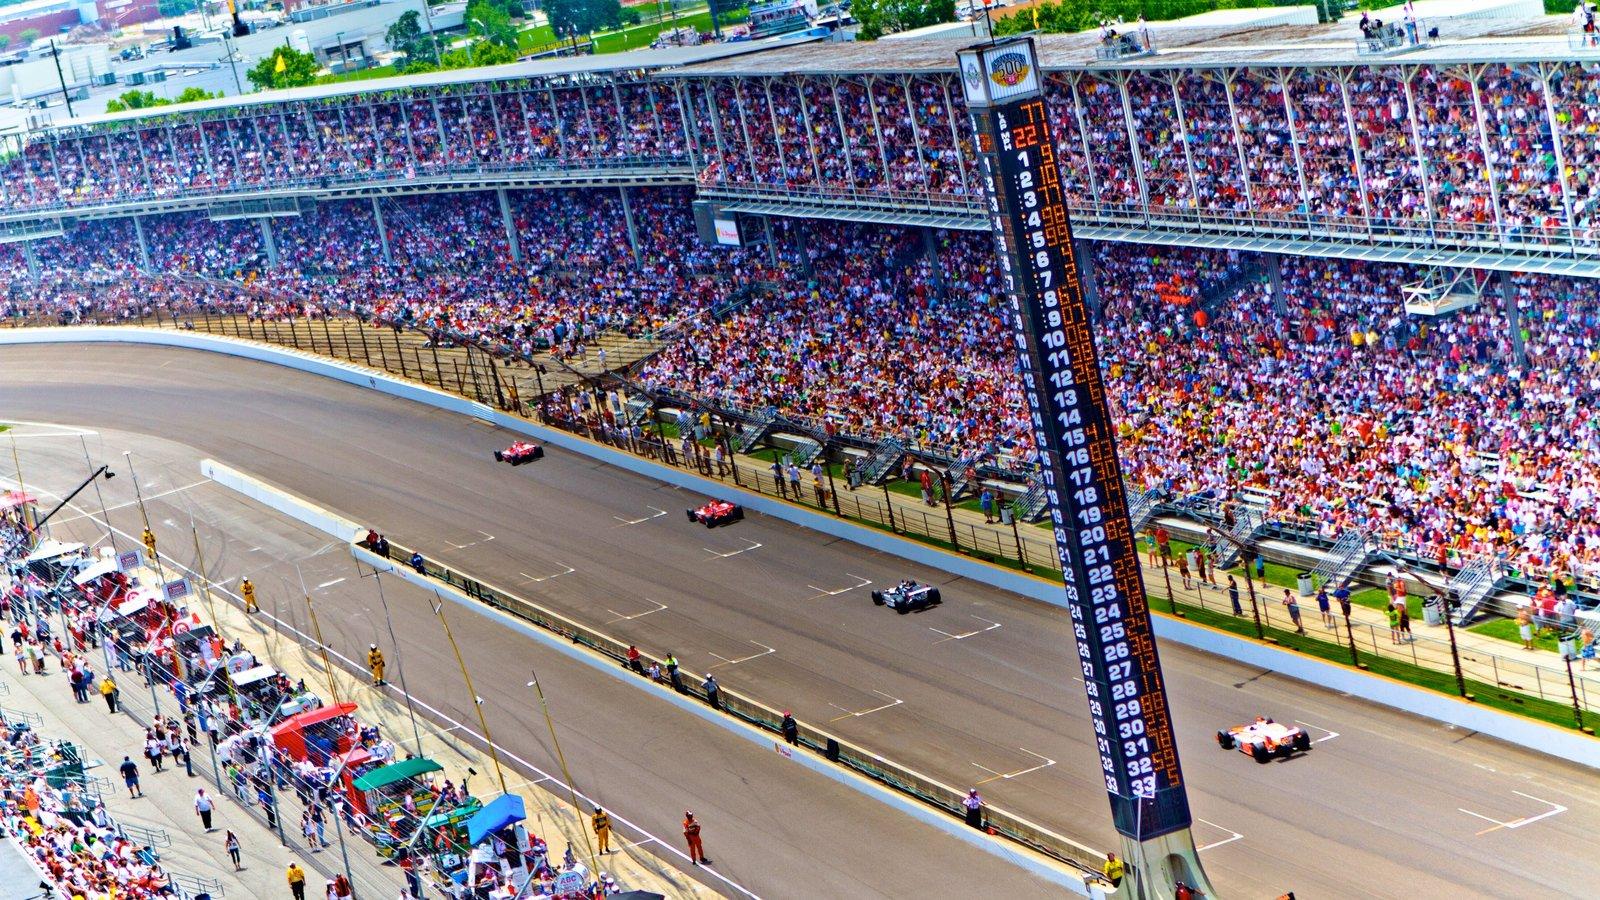 Indianapolis Motor Speedway mostrando un evento deportivo y también un gran grupo de personas